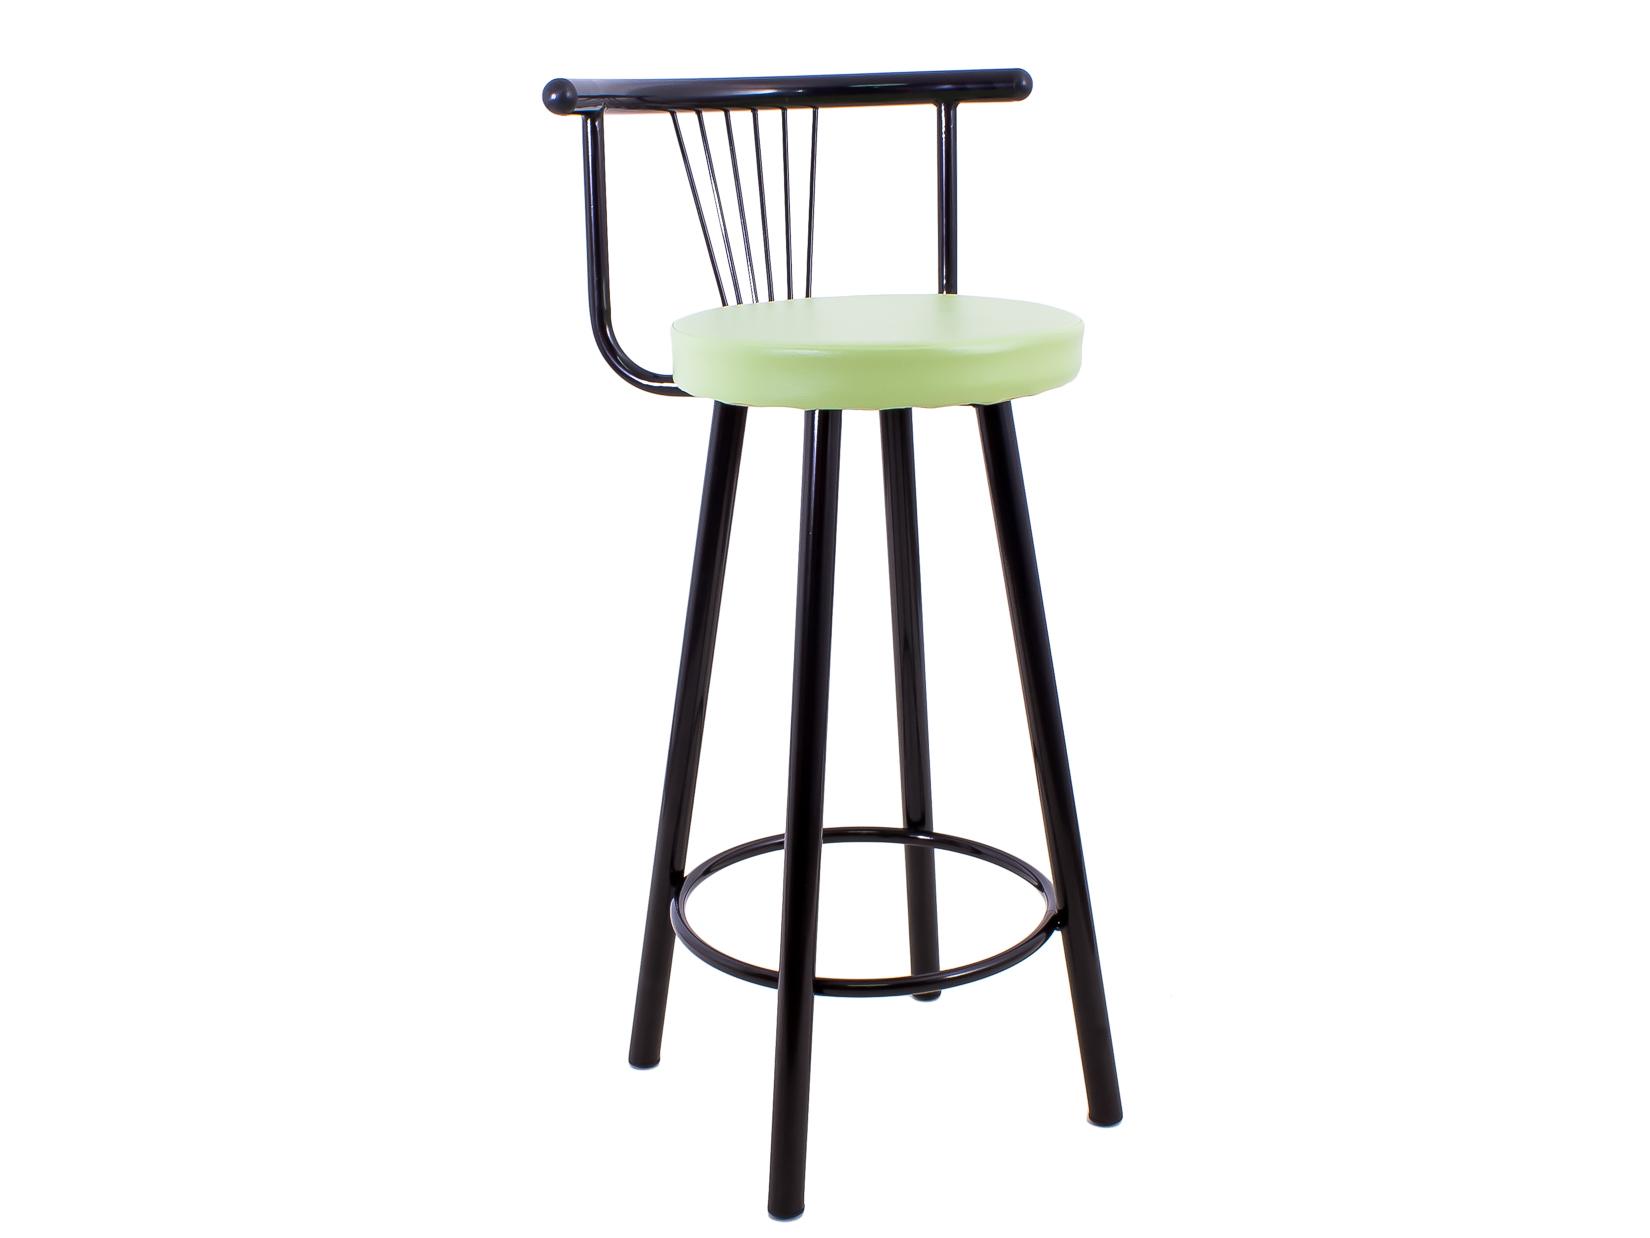 Мягкий барный стул для кухни 153-16121